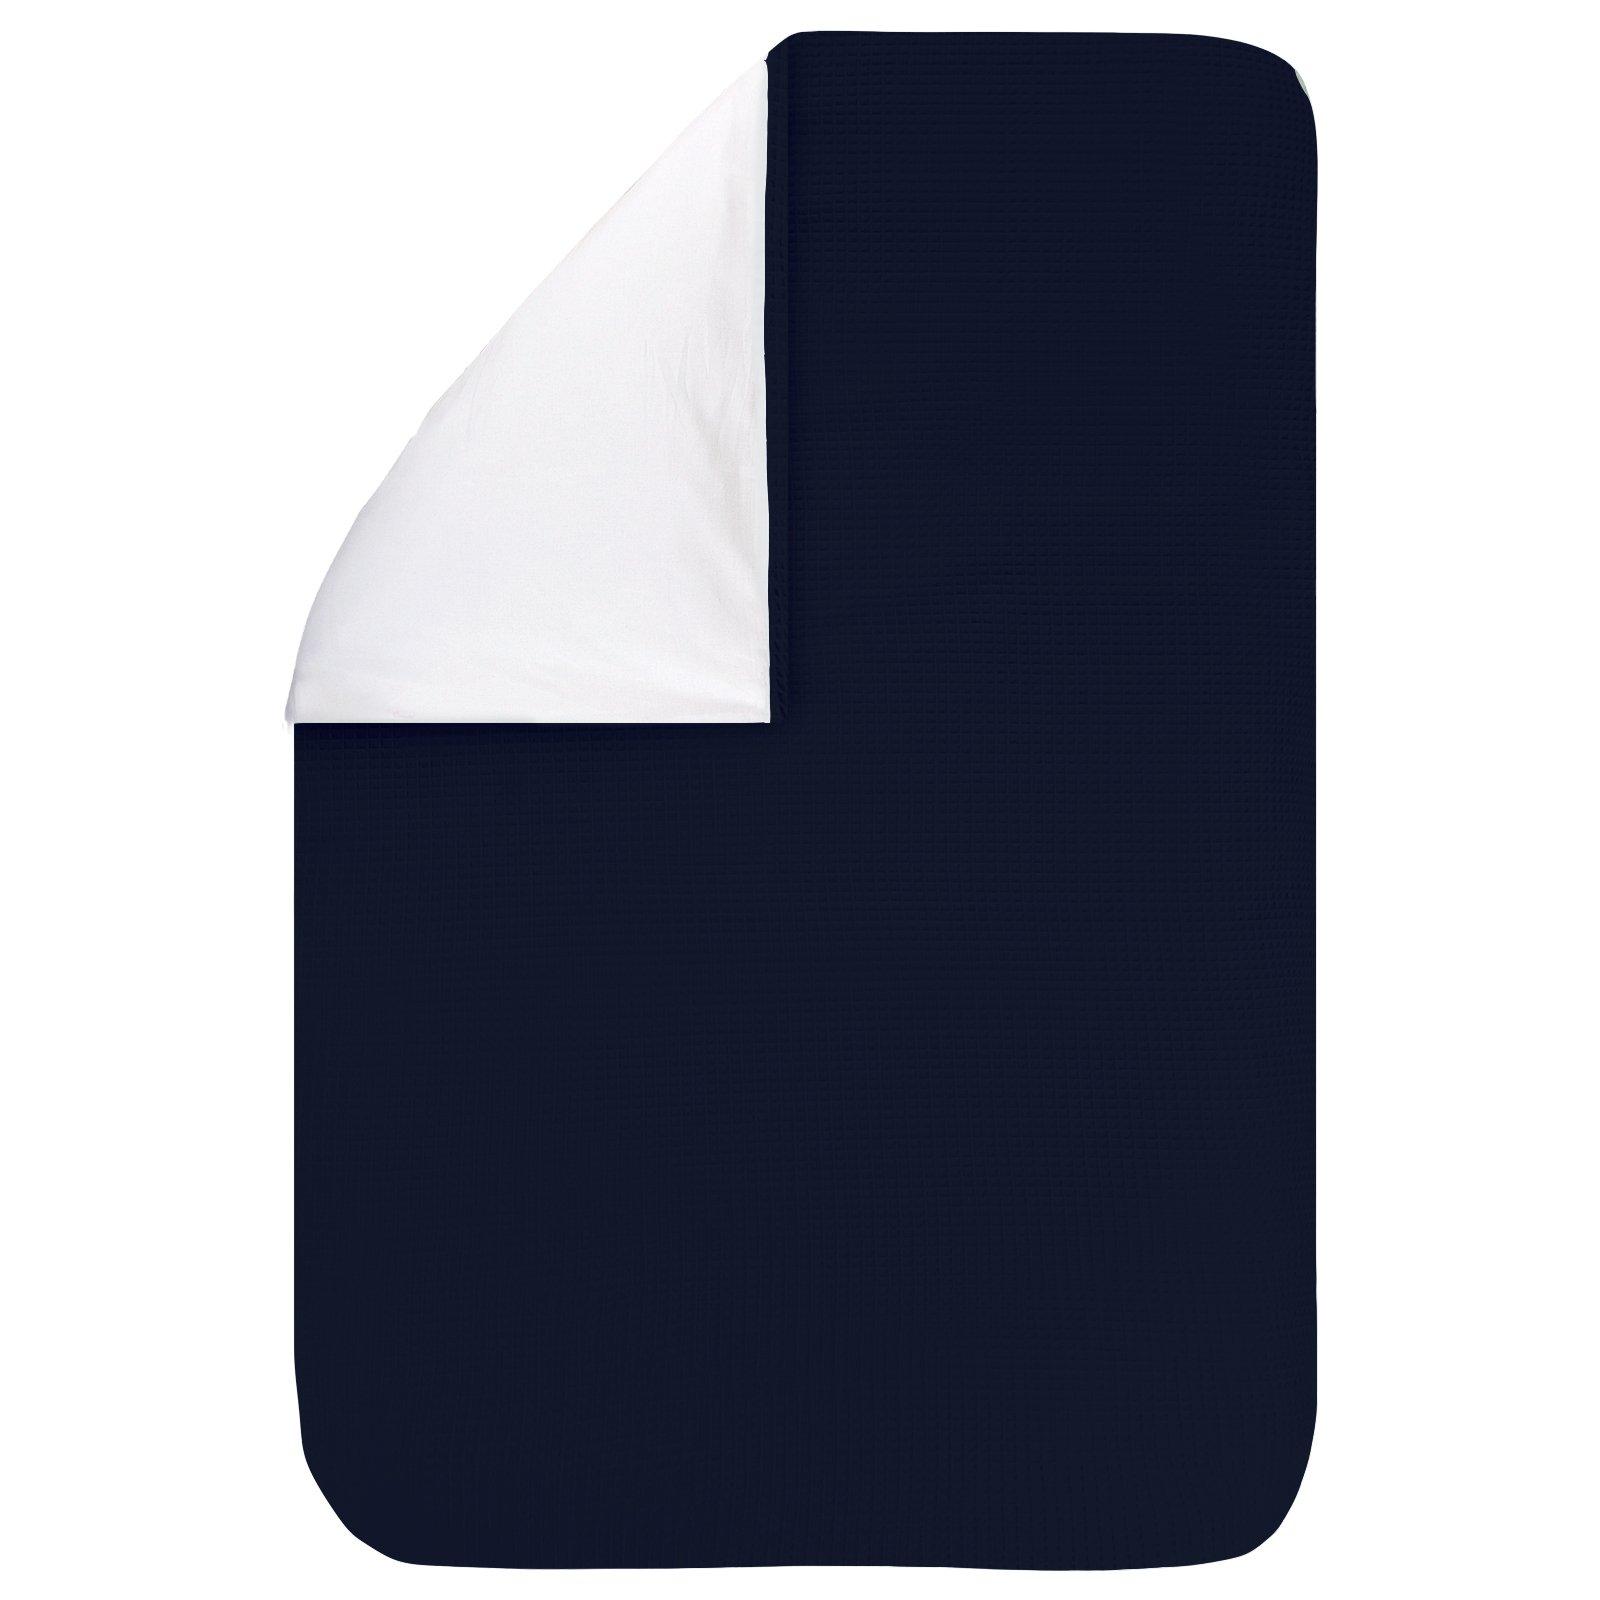 Dekbedovertrek Pique marine 60x80, een fijn dekbedovertrek van zachte donkerblauwe wafelkatoen. Goed te combineren met BINK printjes.